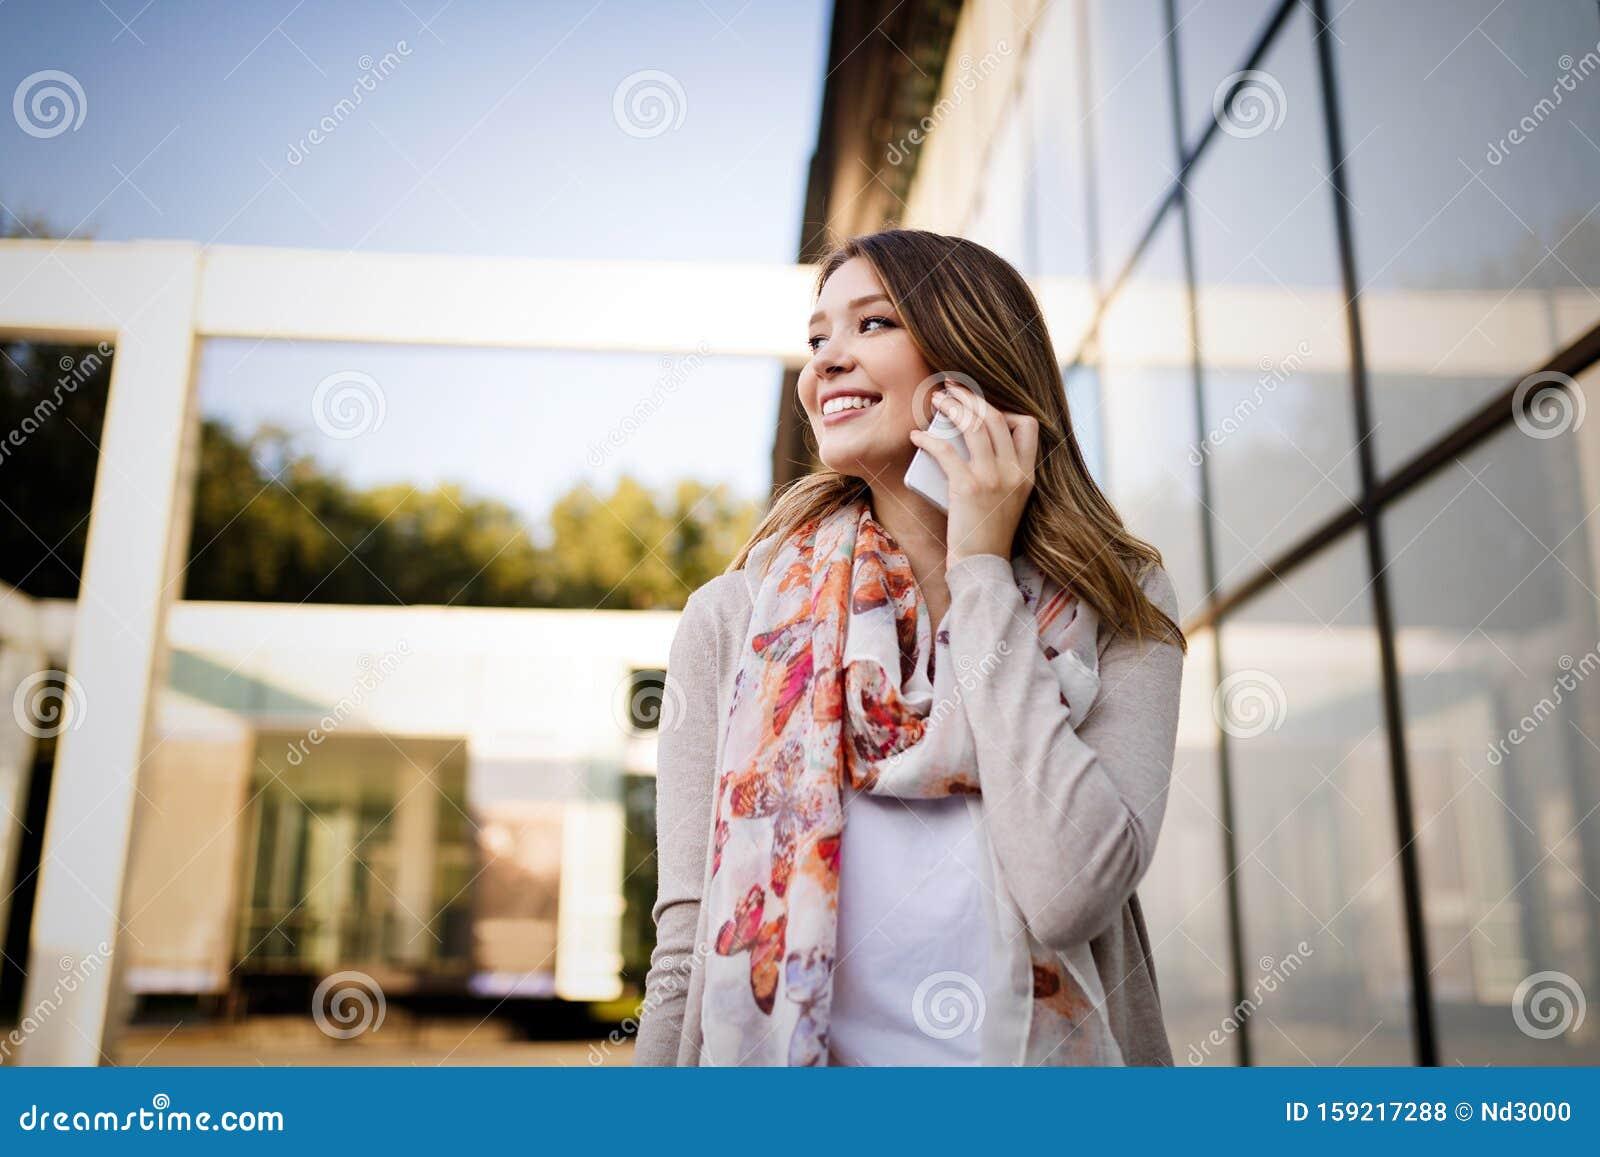 Девушка модель мобильного телефона для работы работа веб моделью для парней дома